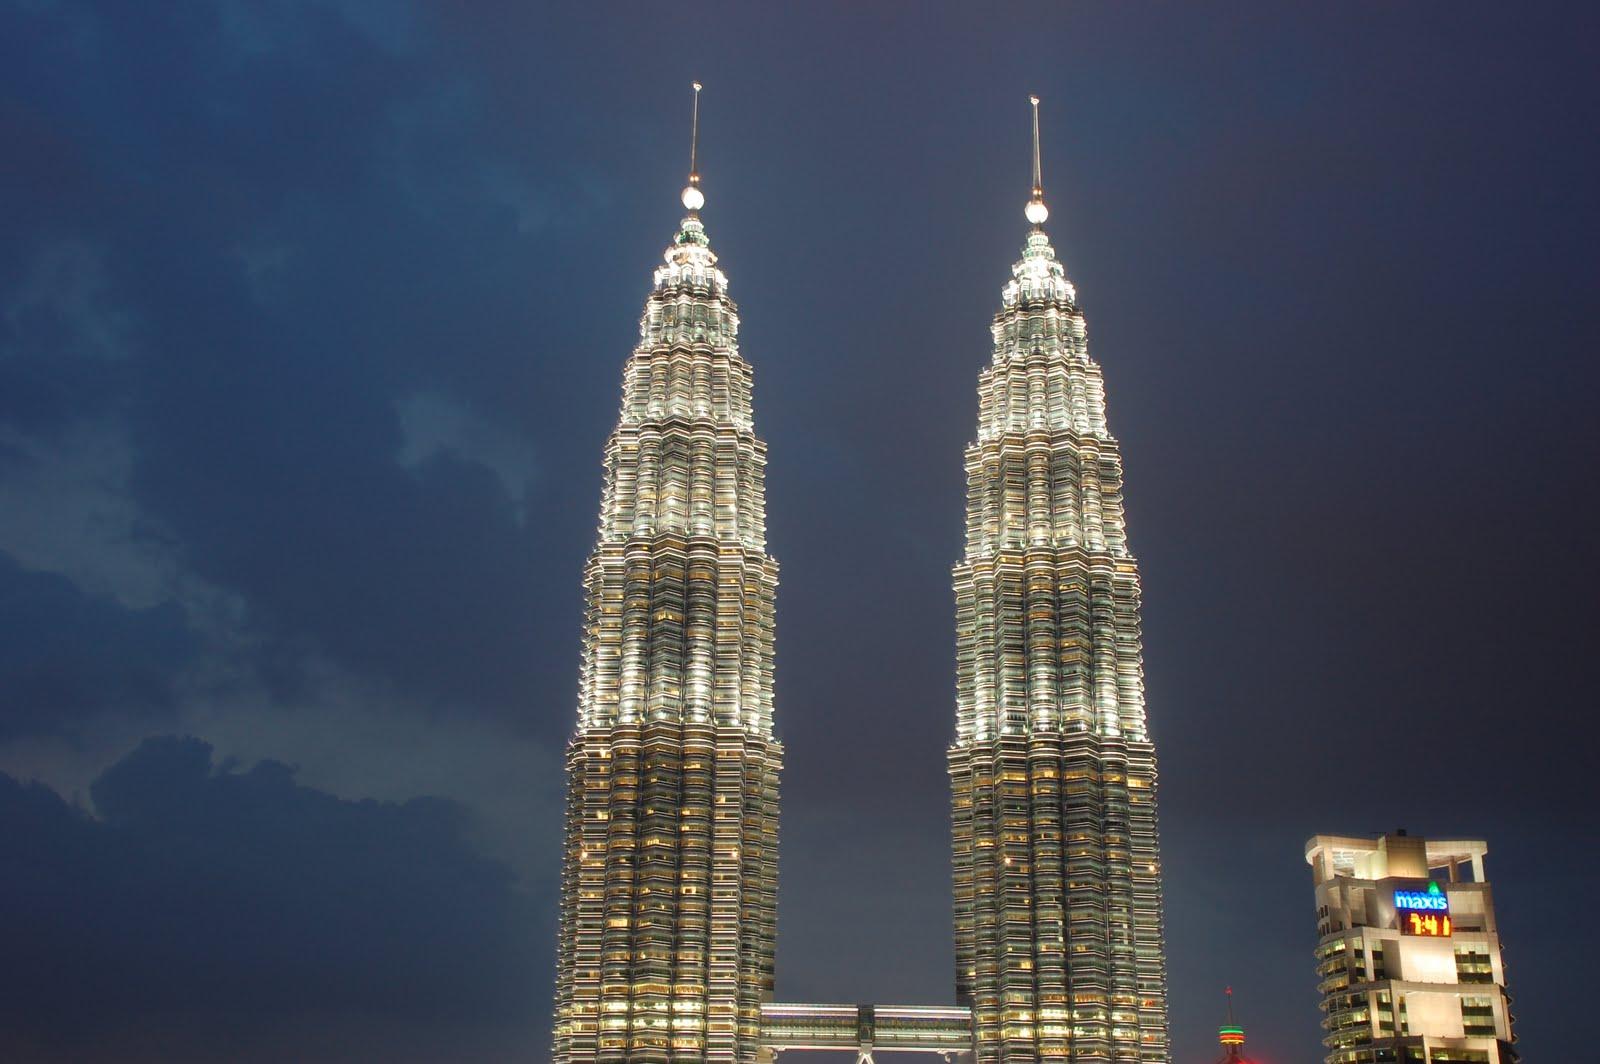 twin towers - photo #5